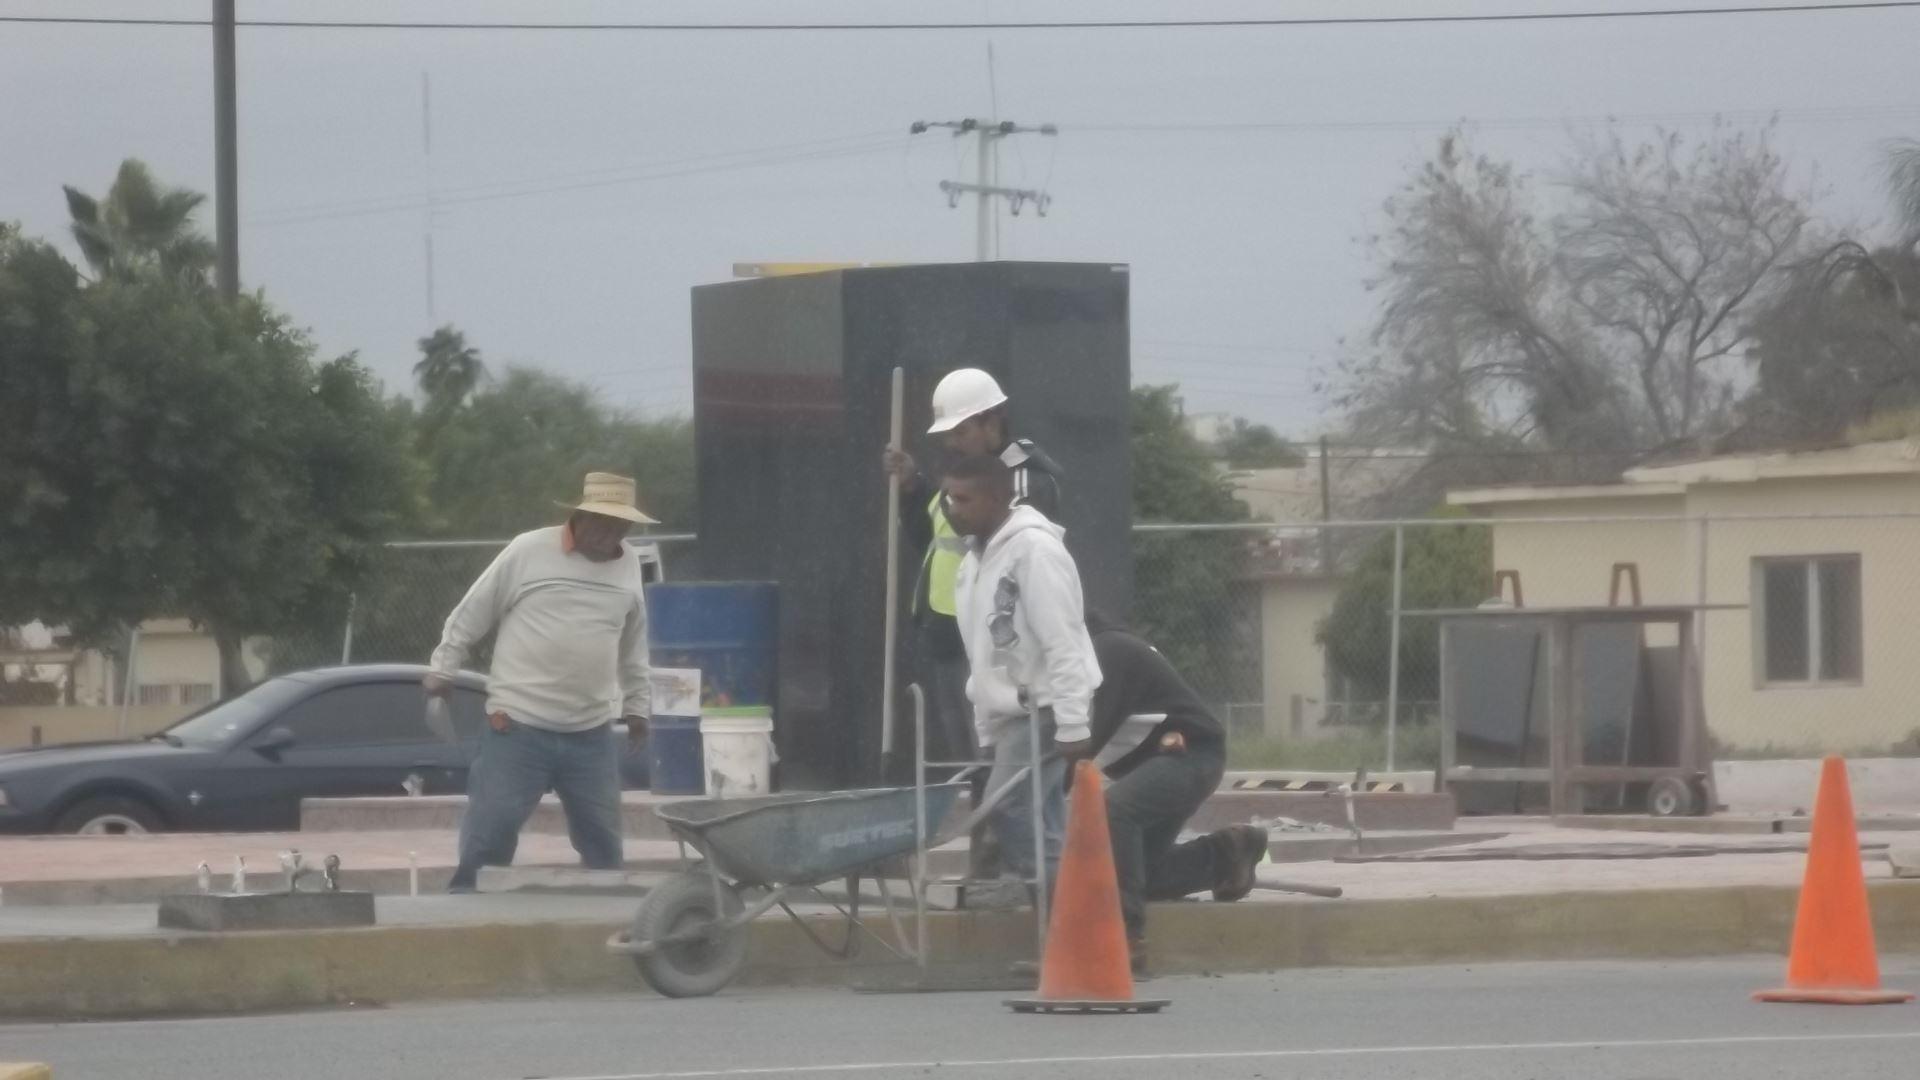 EN CRISIS. El ramo de la construcción viene atravesando por una mala racha ante la difícil situación económica que prevalece en toda la región. LA TARDE / Heriberto Rodríguez